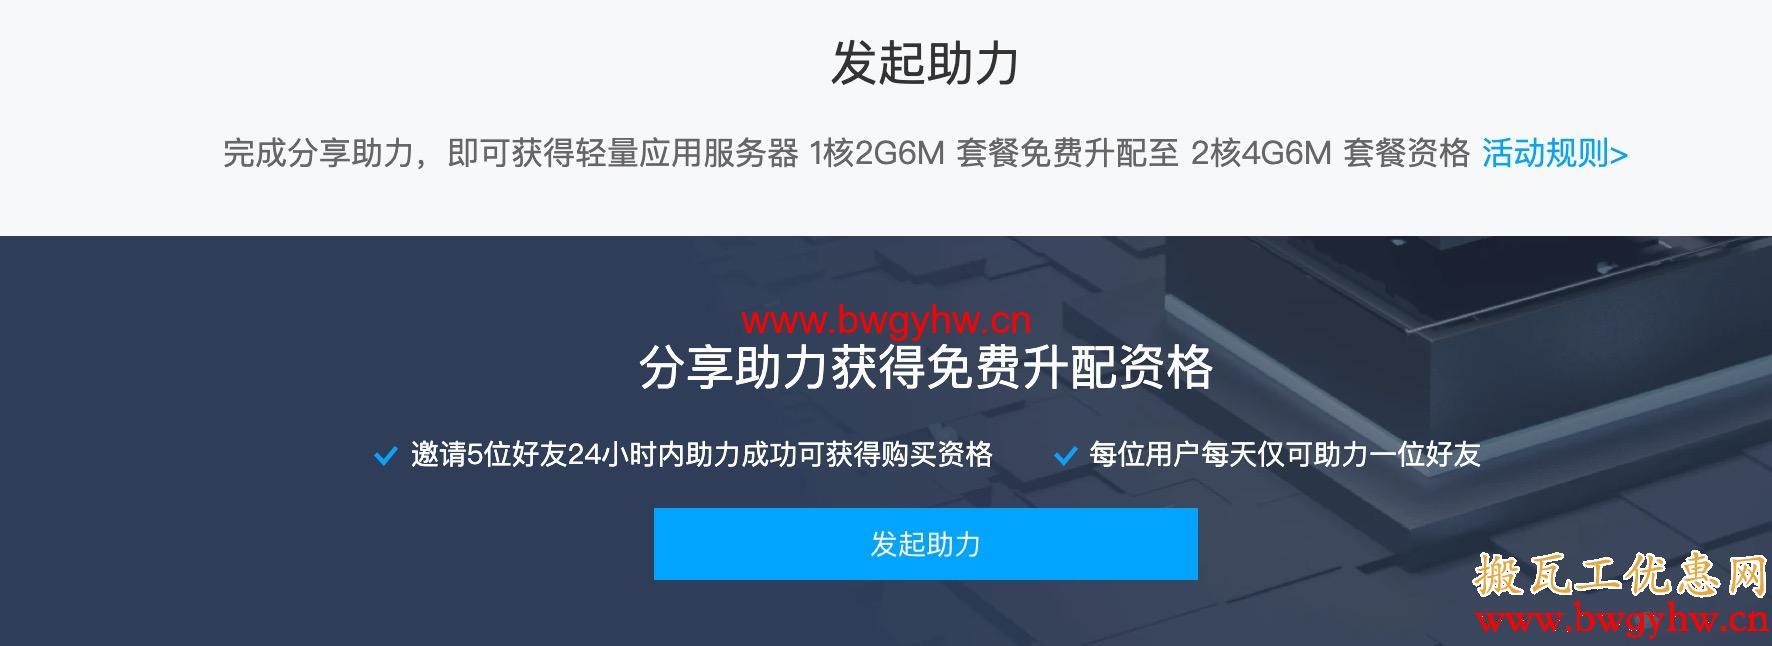 轻量应用服务器周年庆免费升配